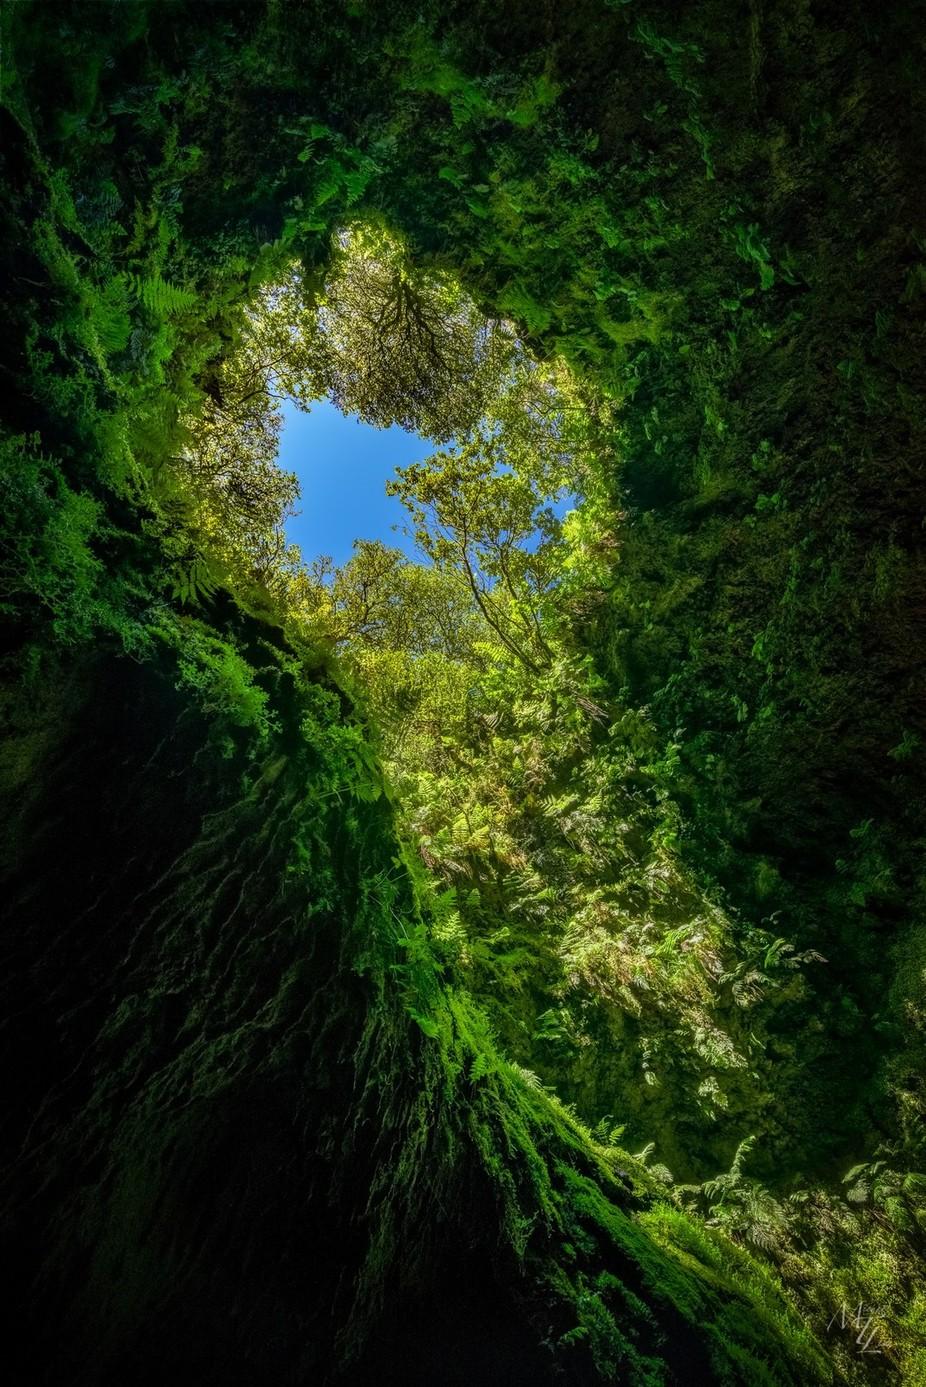 Algar do Carvão by miketlim - Depth In Nature Photo Contest